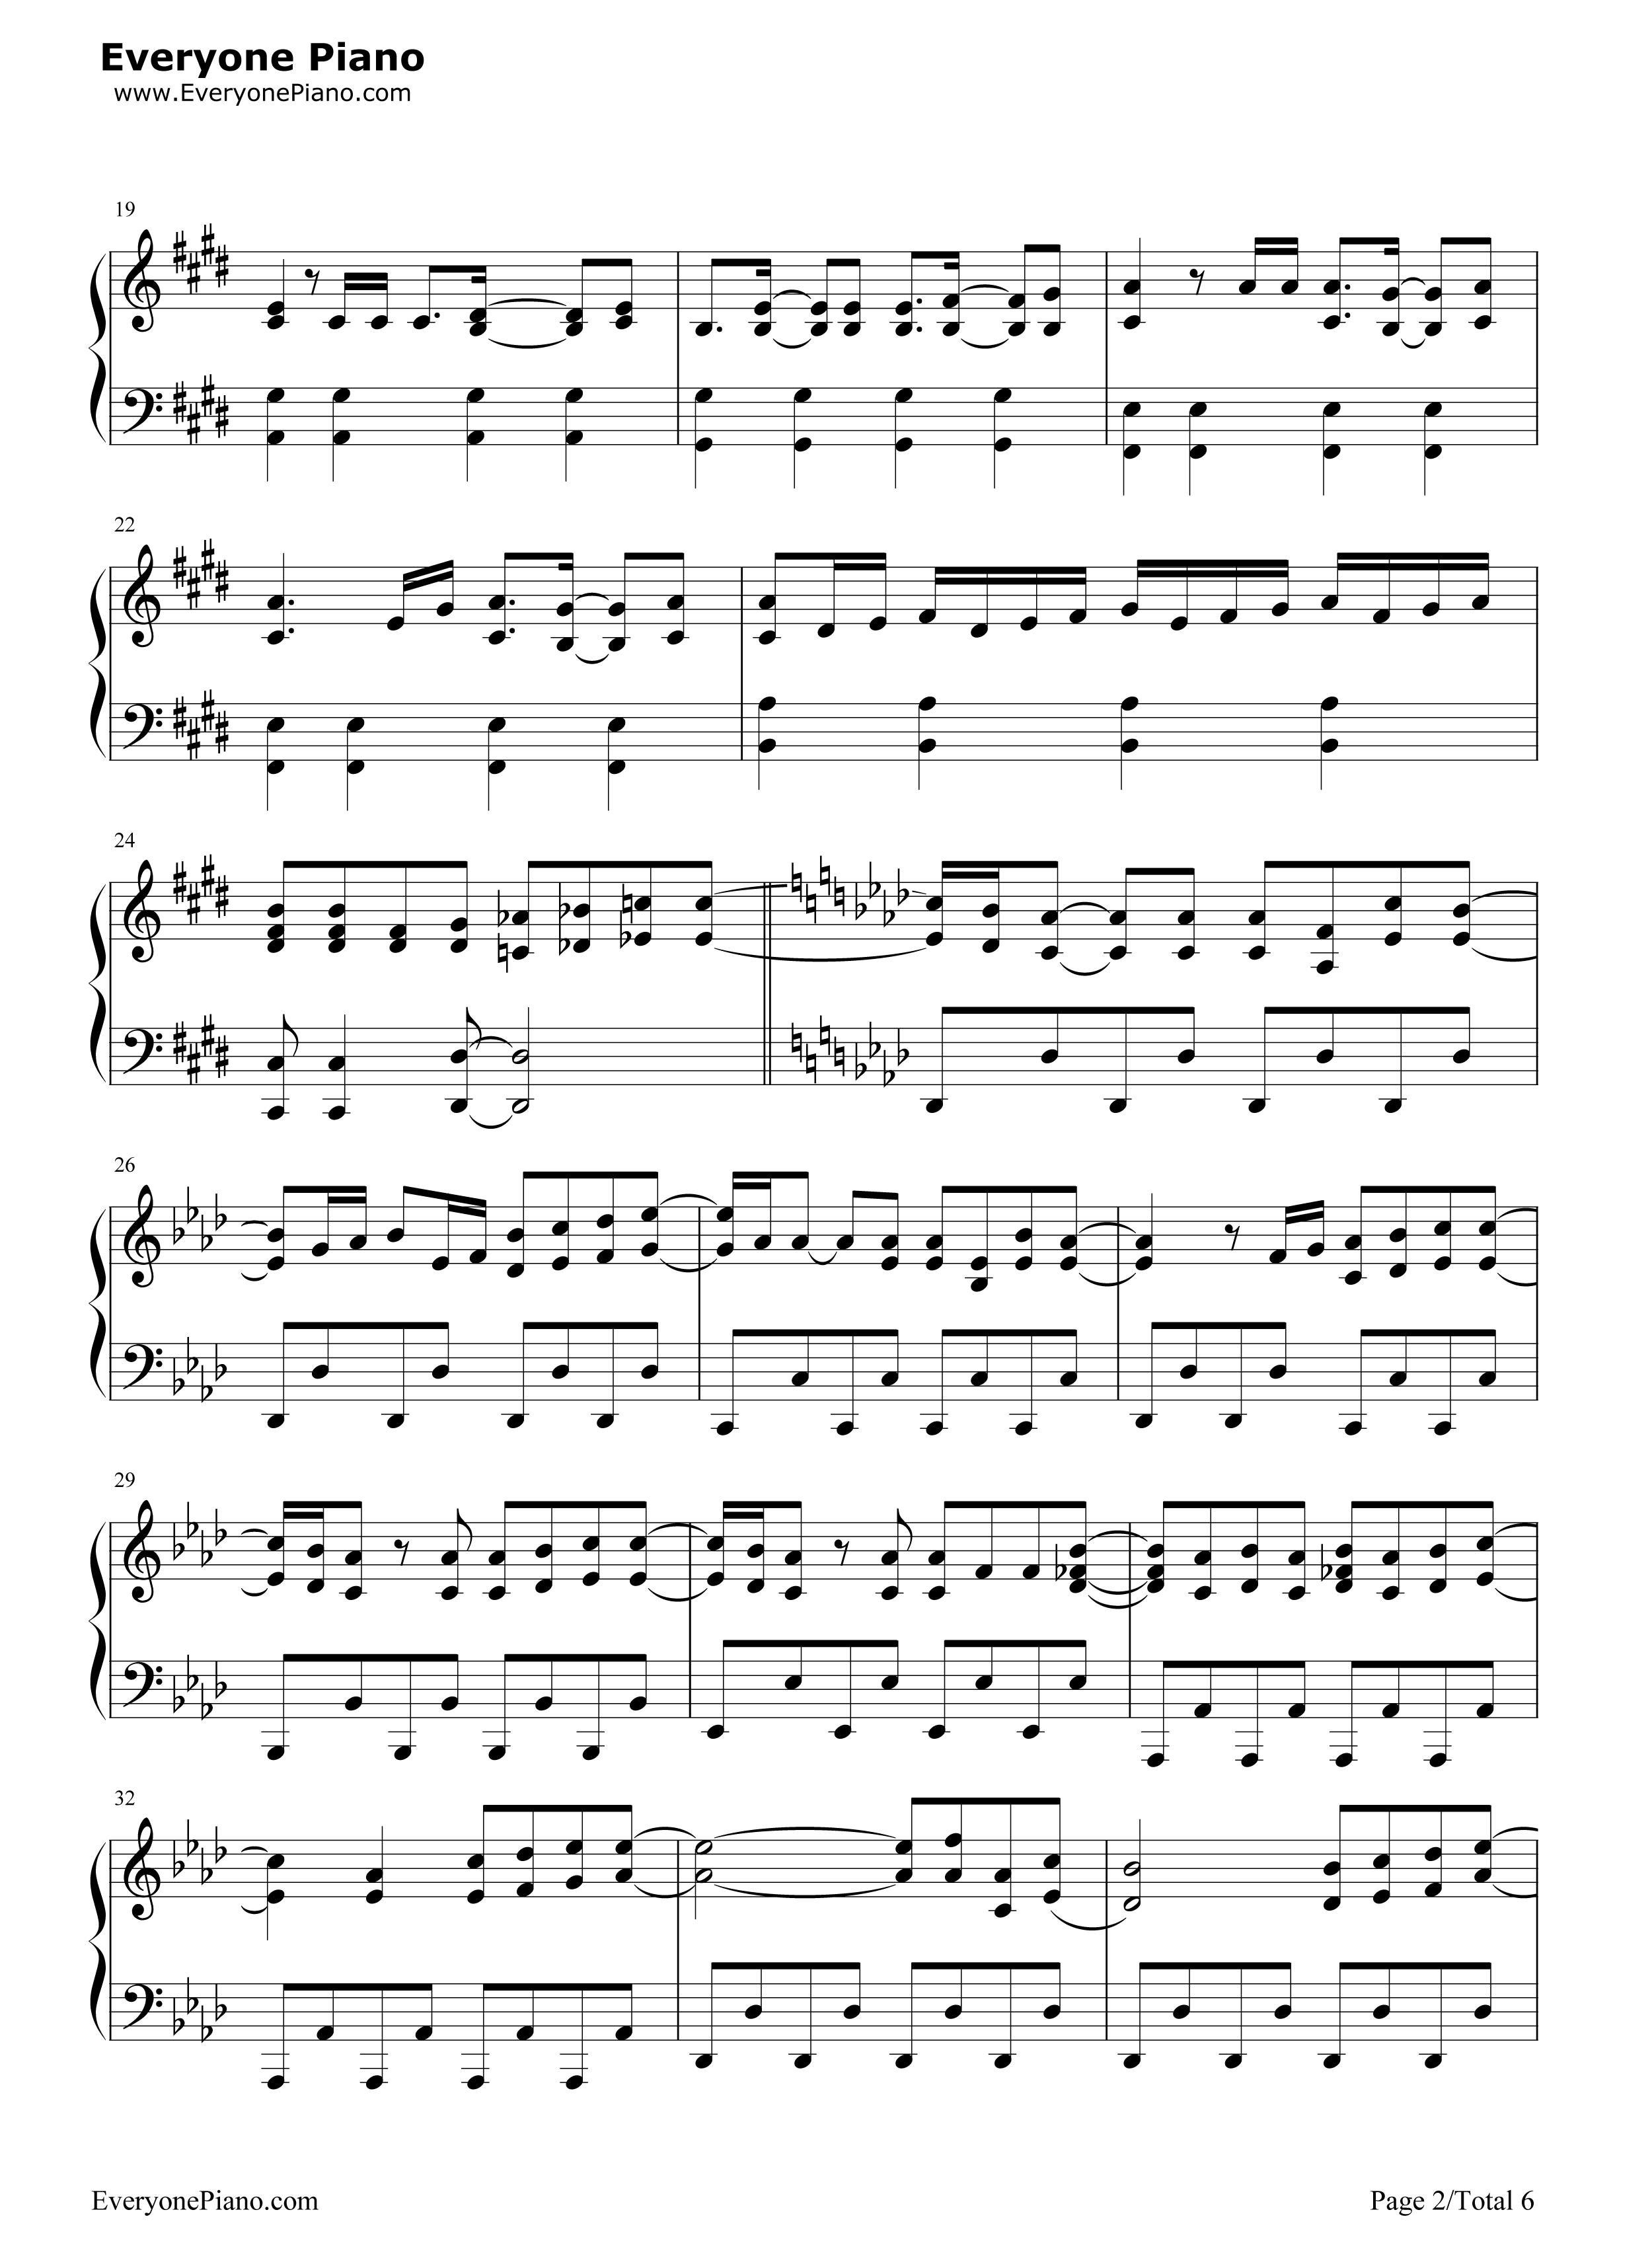 钢琴曲谱 流行 好日子-李知恩 好日子-李知恩五线谱预览2  }  仅供